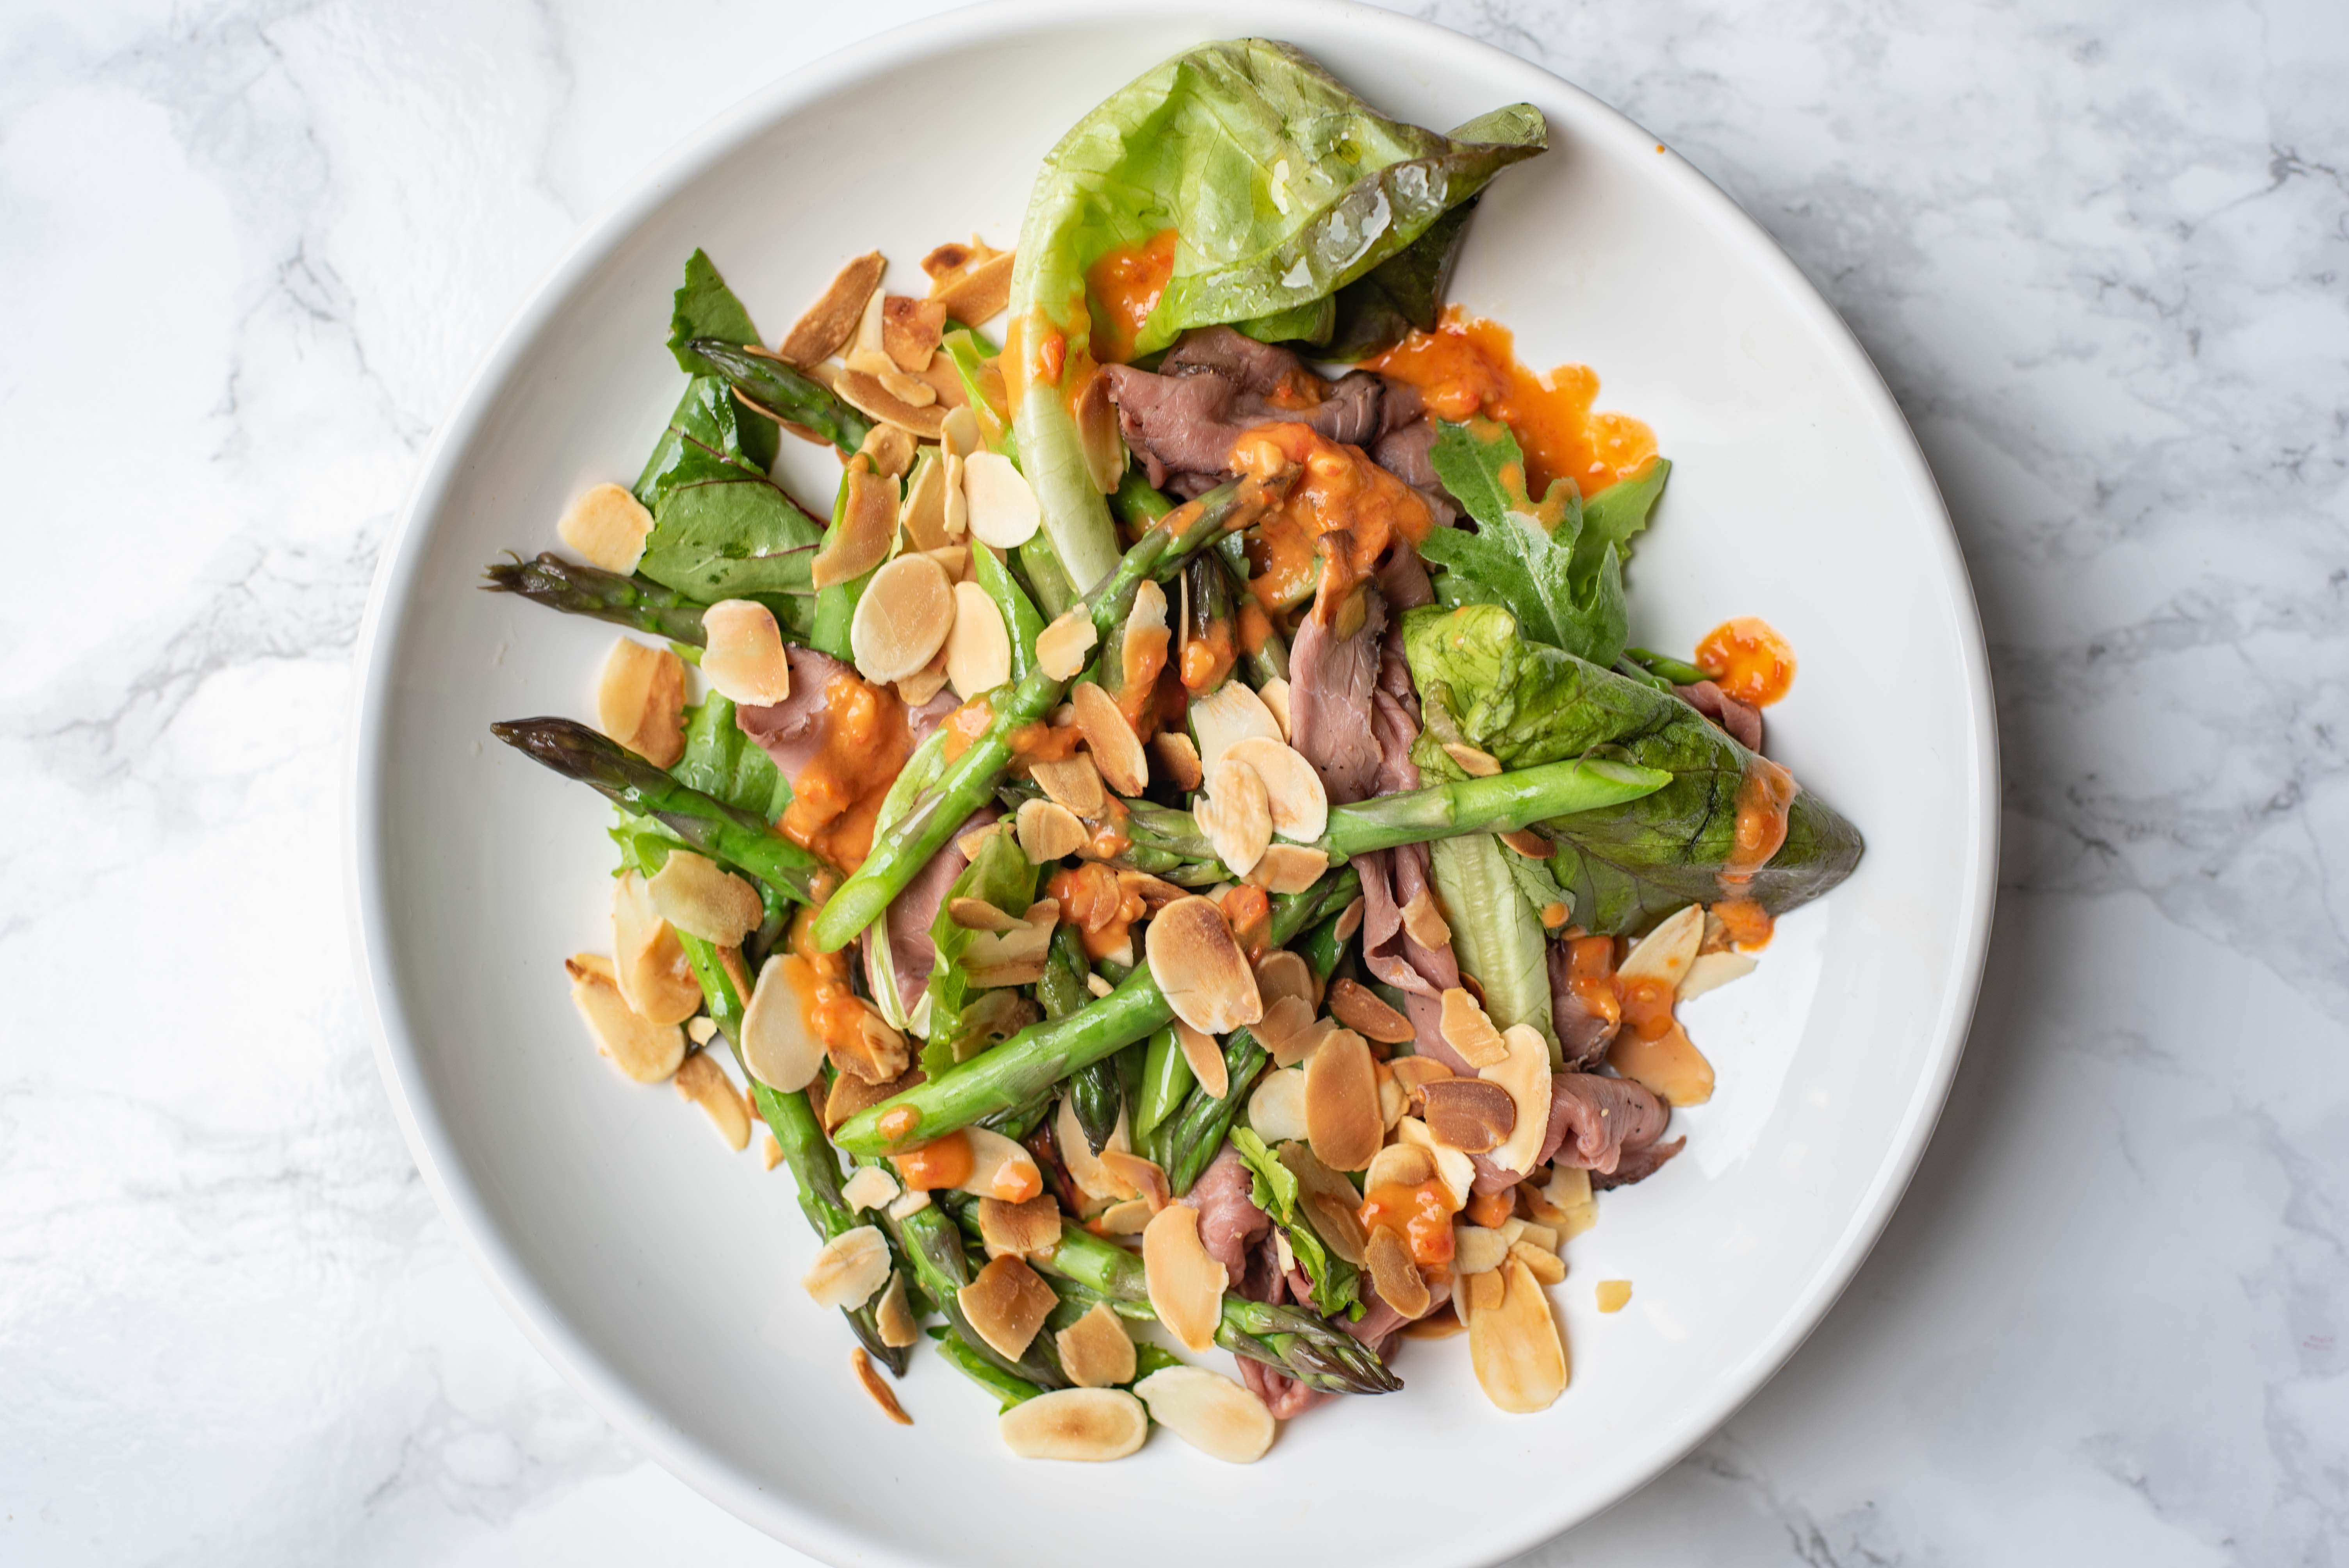 Salade met groene asperges, rosbief en geschaafde amandel